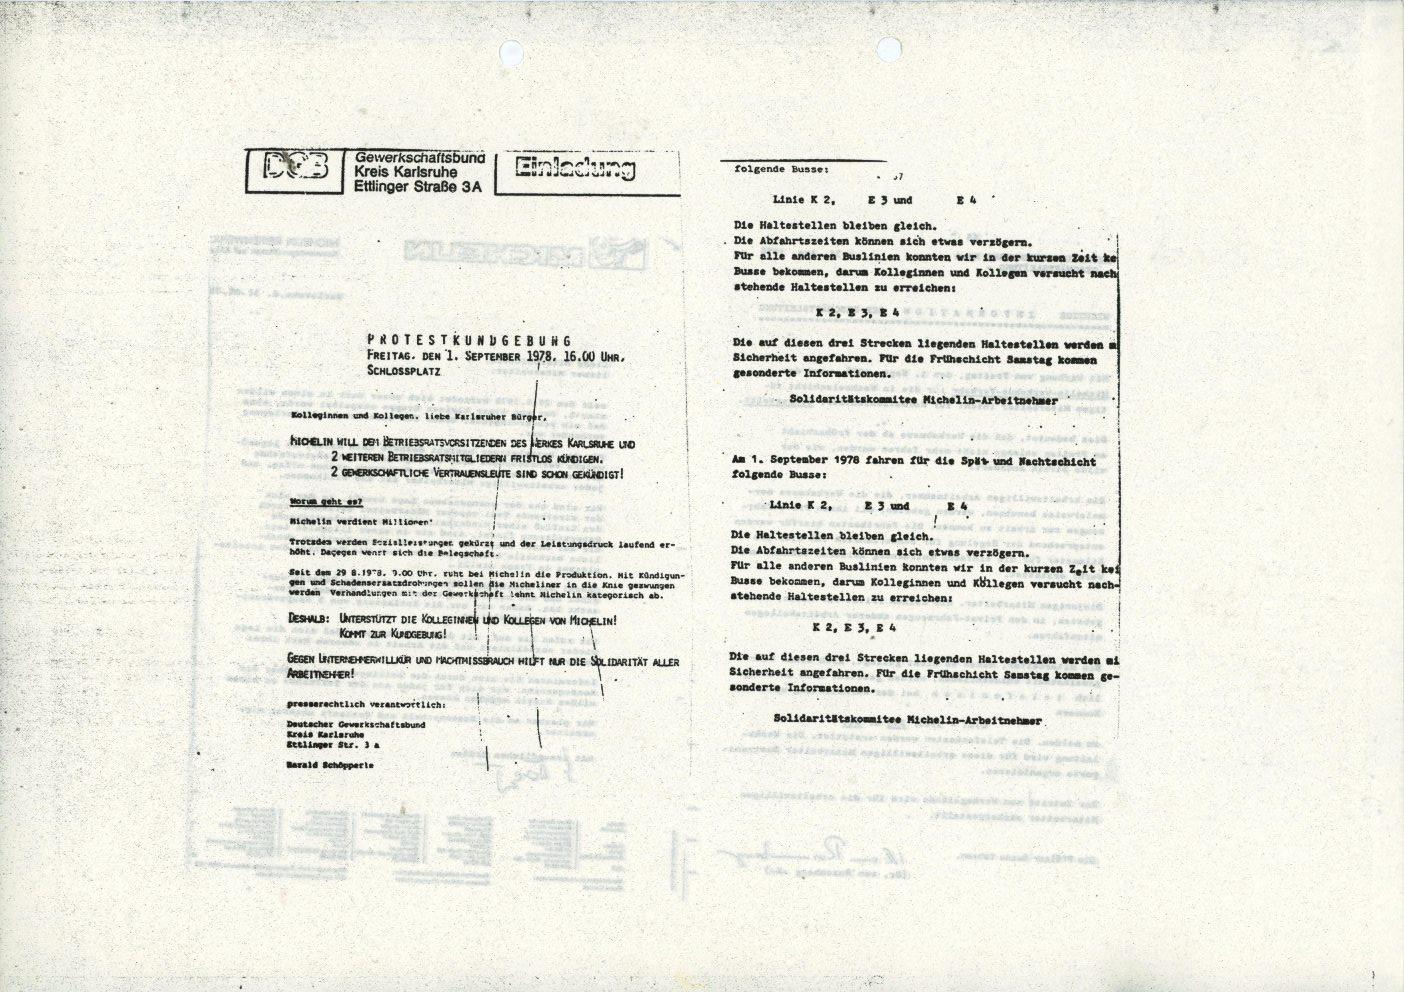 Karlsruhe_Michelin_IGCPK_Doku_zum_Arbeitskonflikt_1978_28